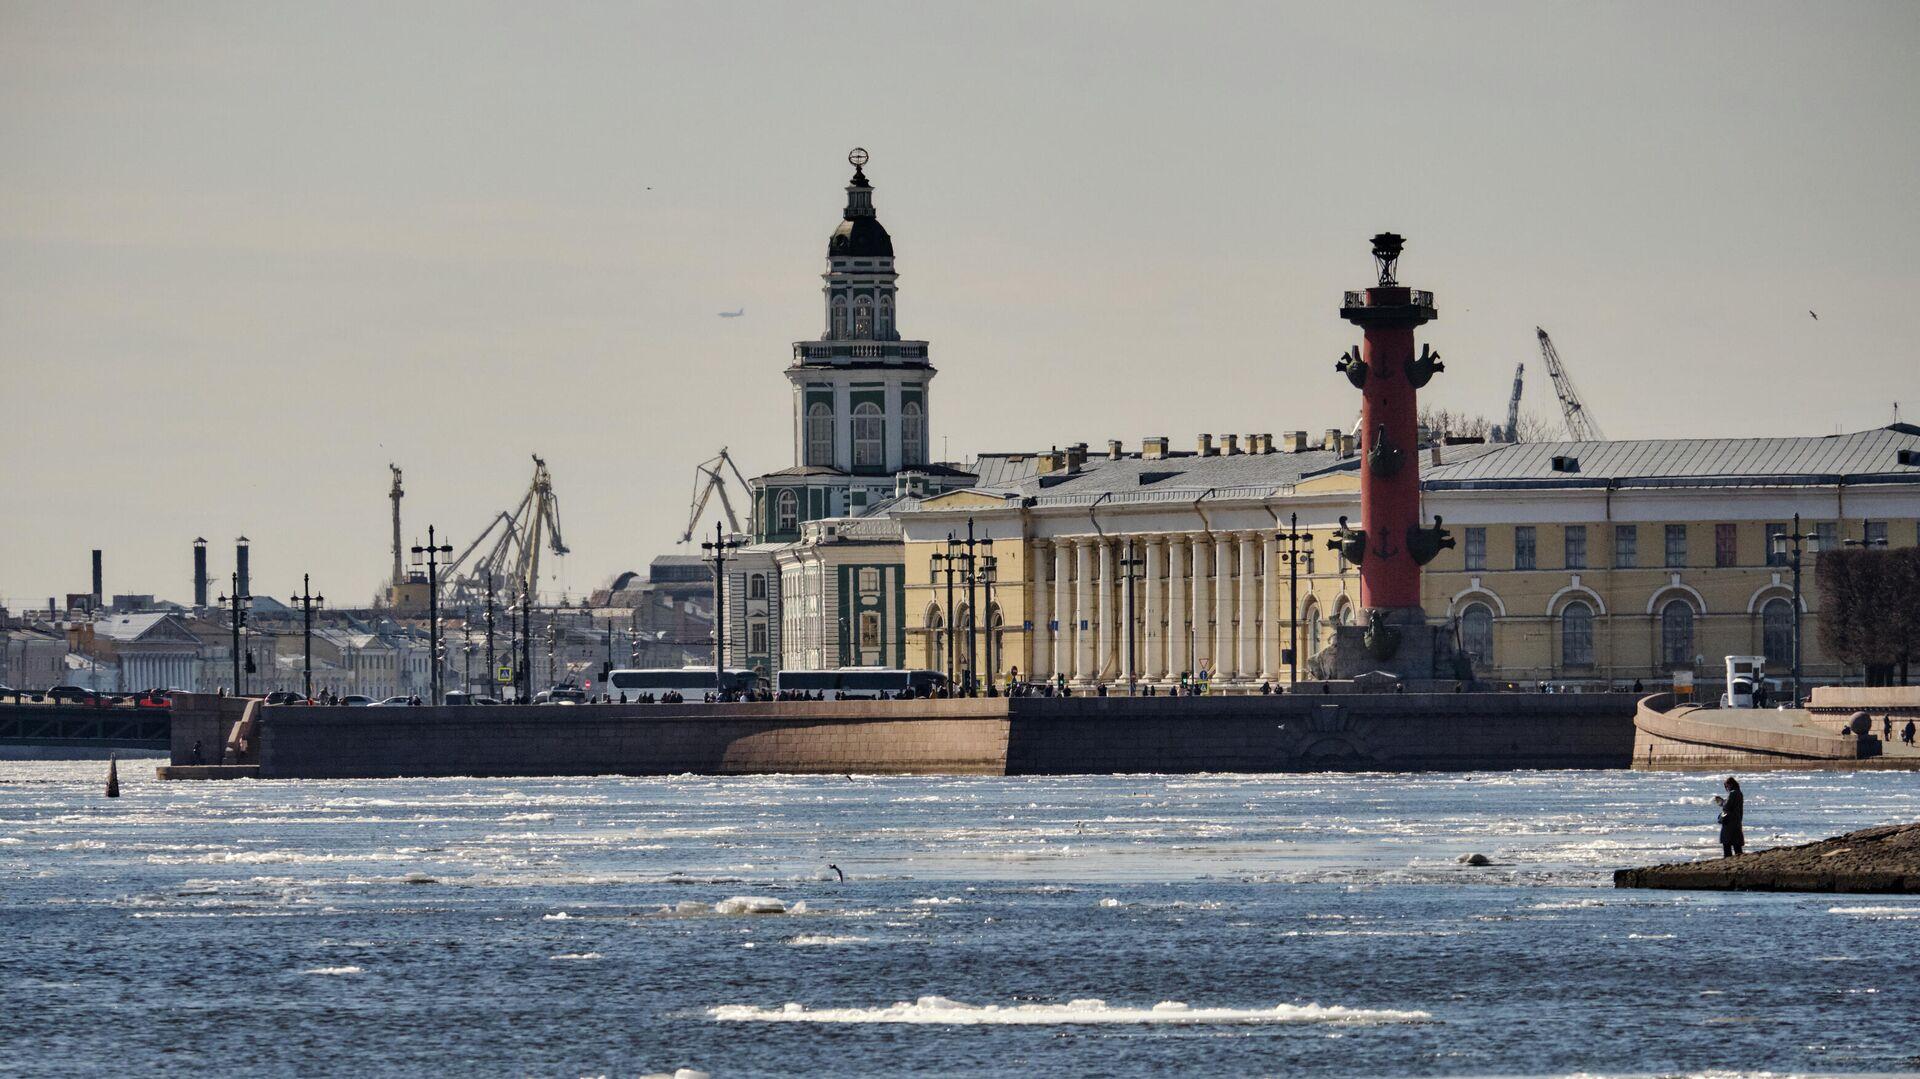 Санкт-Петербург - РИА Новости, 1920, 15.02.2021